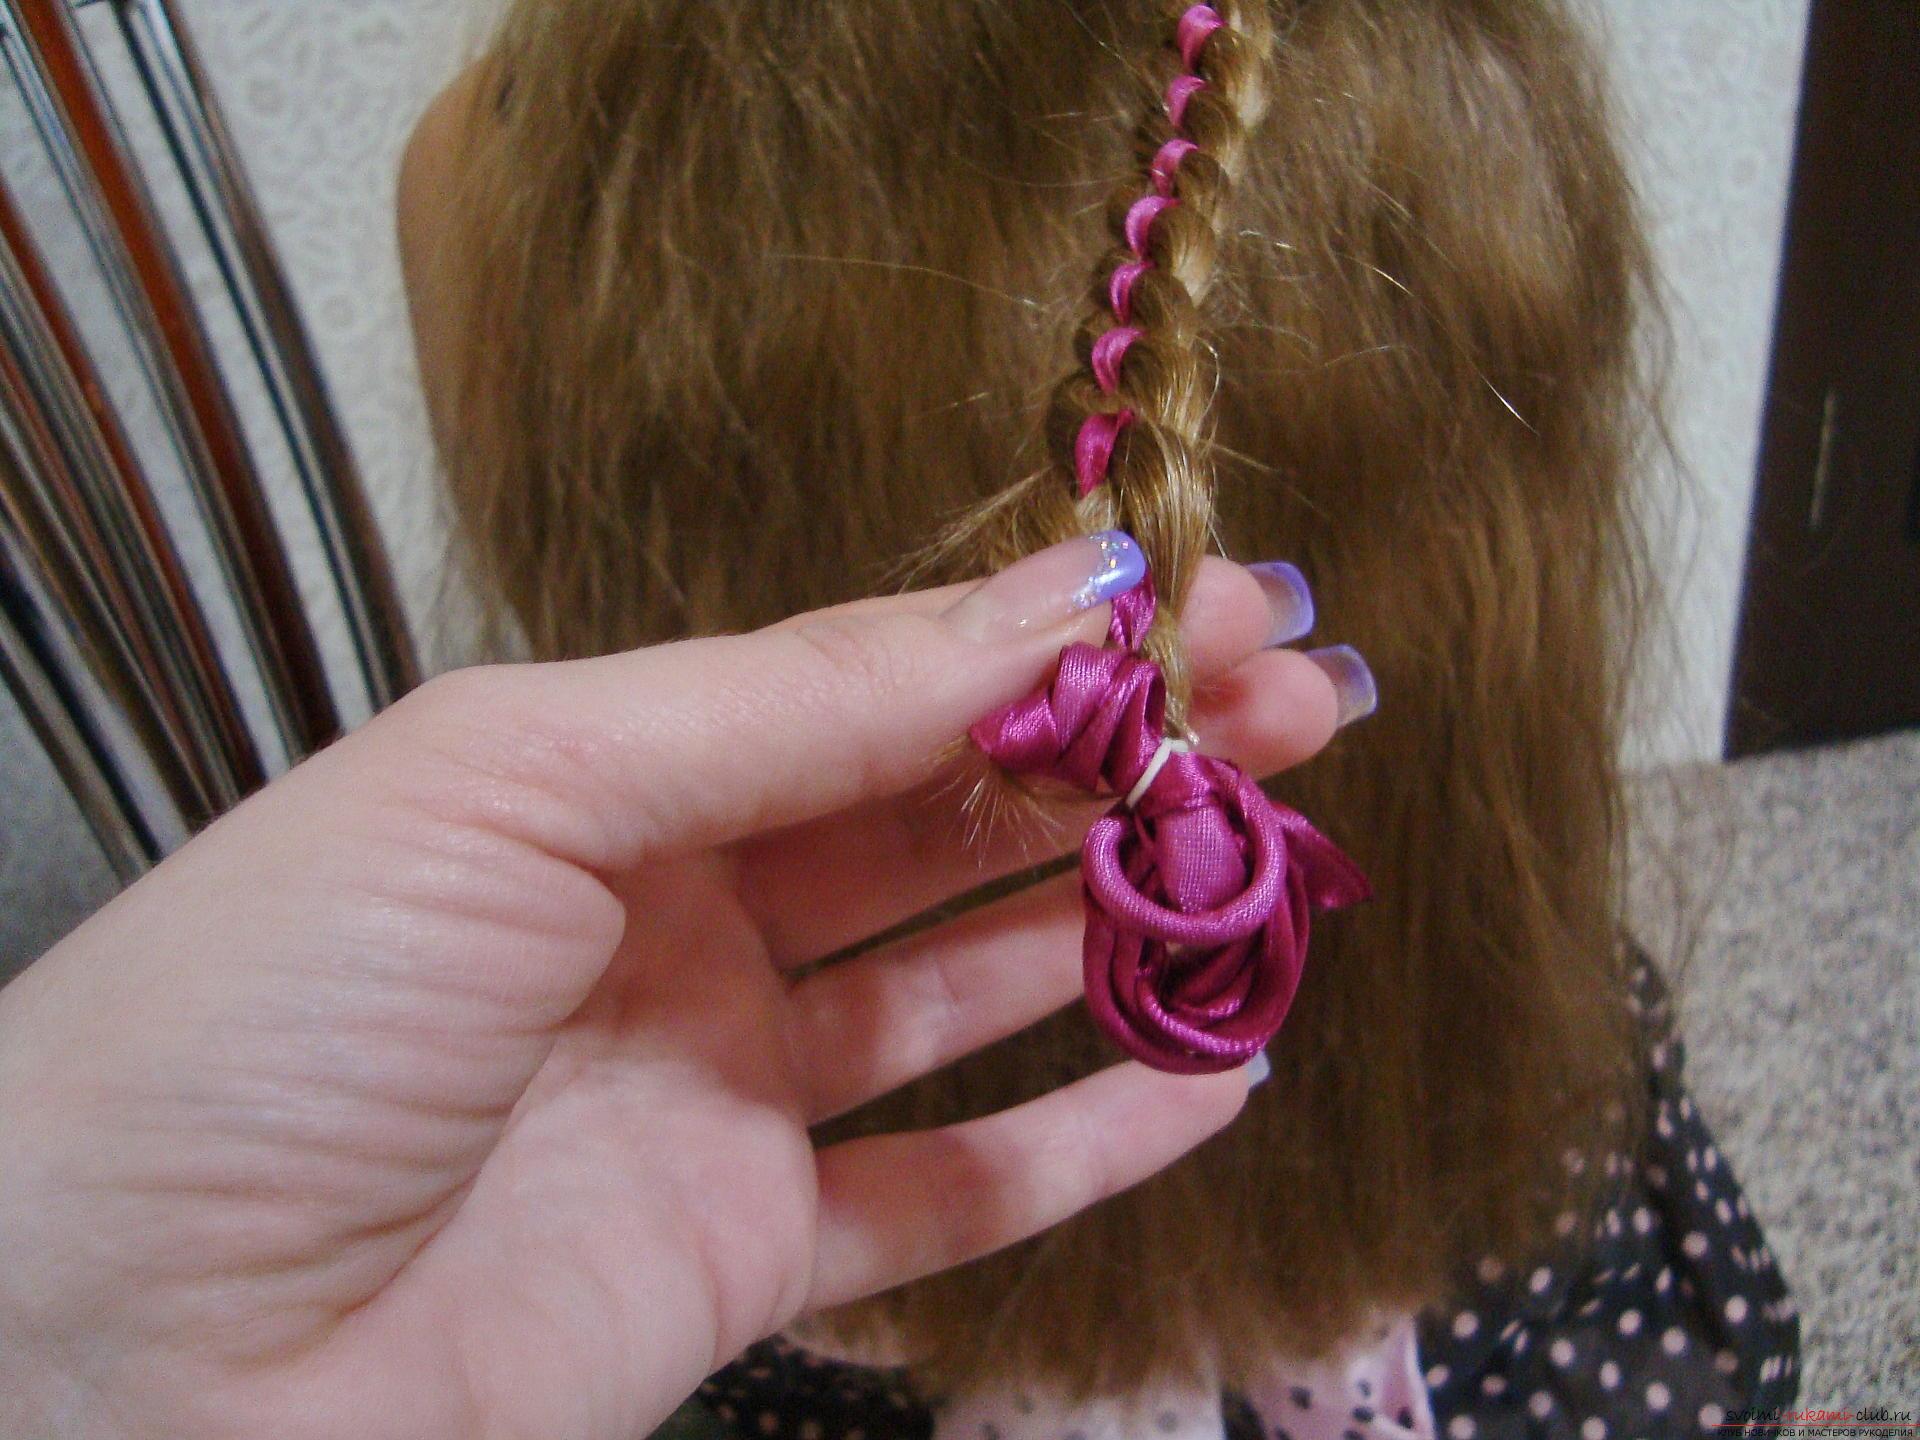 Подробная инструкция с фото и видео поможет создать красивую прическу дома.</p> </div> <p> Используя мастер-класс по прически можно своими руками создать удивительный образ для праздника.</p> <p> Коса, уложенная в цветок, сделает прическу на длинных волосах самой красивой.. Фото №12″/></p> <p>Когда коса сплетена до конца, ее нужно уложить в красивый цветок.</p> <p> Осуществляется это довольно просто нужно спиралью скручивать плетение от конца к верхней части.</p> <p> Заранее выберите направление, к которому нужно стремиться, то есть наметьте визуально расположение розы и крутите к той стороне.</p> <p><div style=